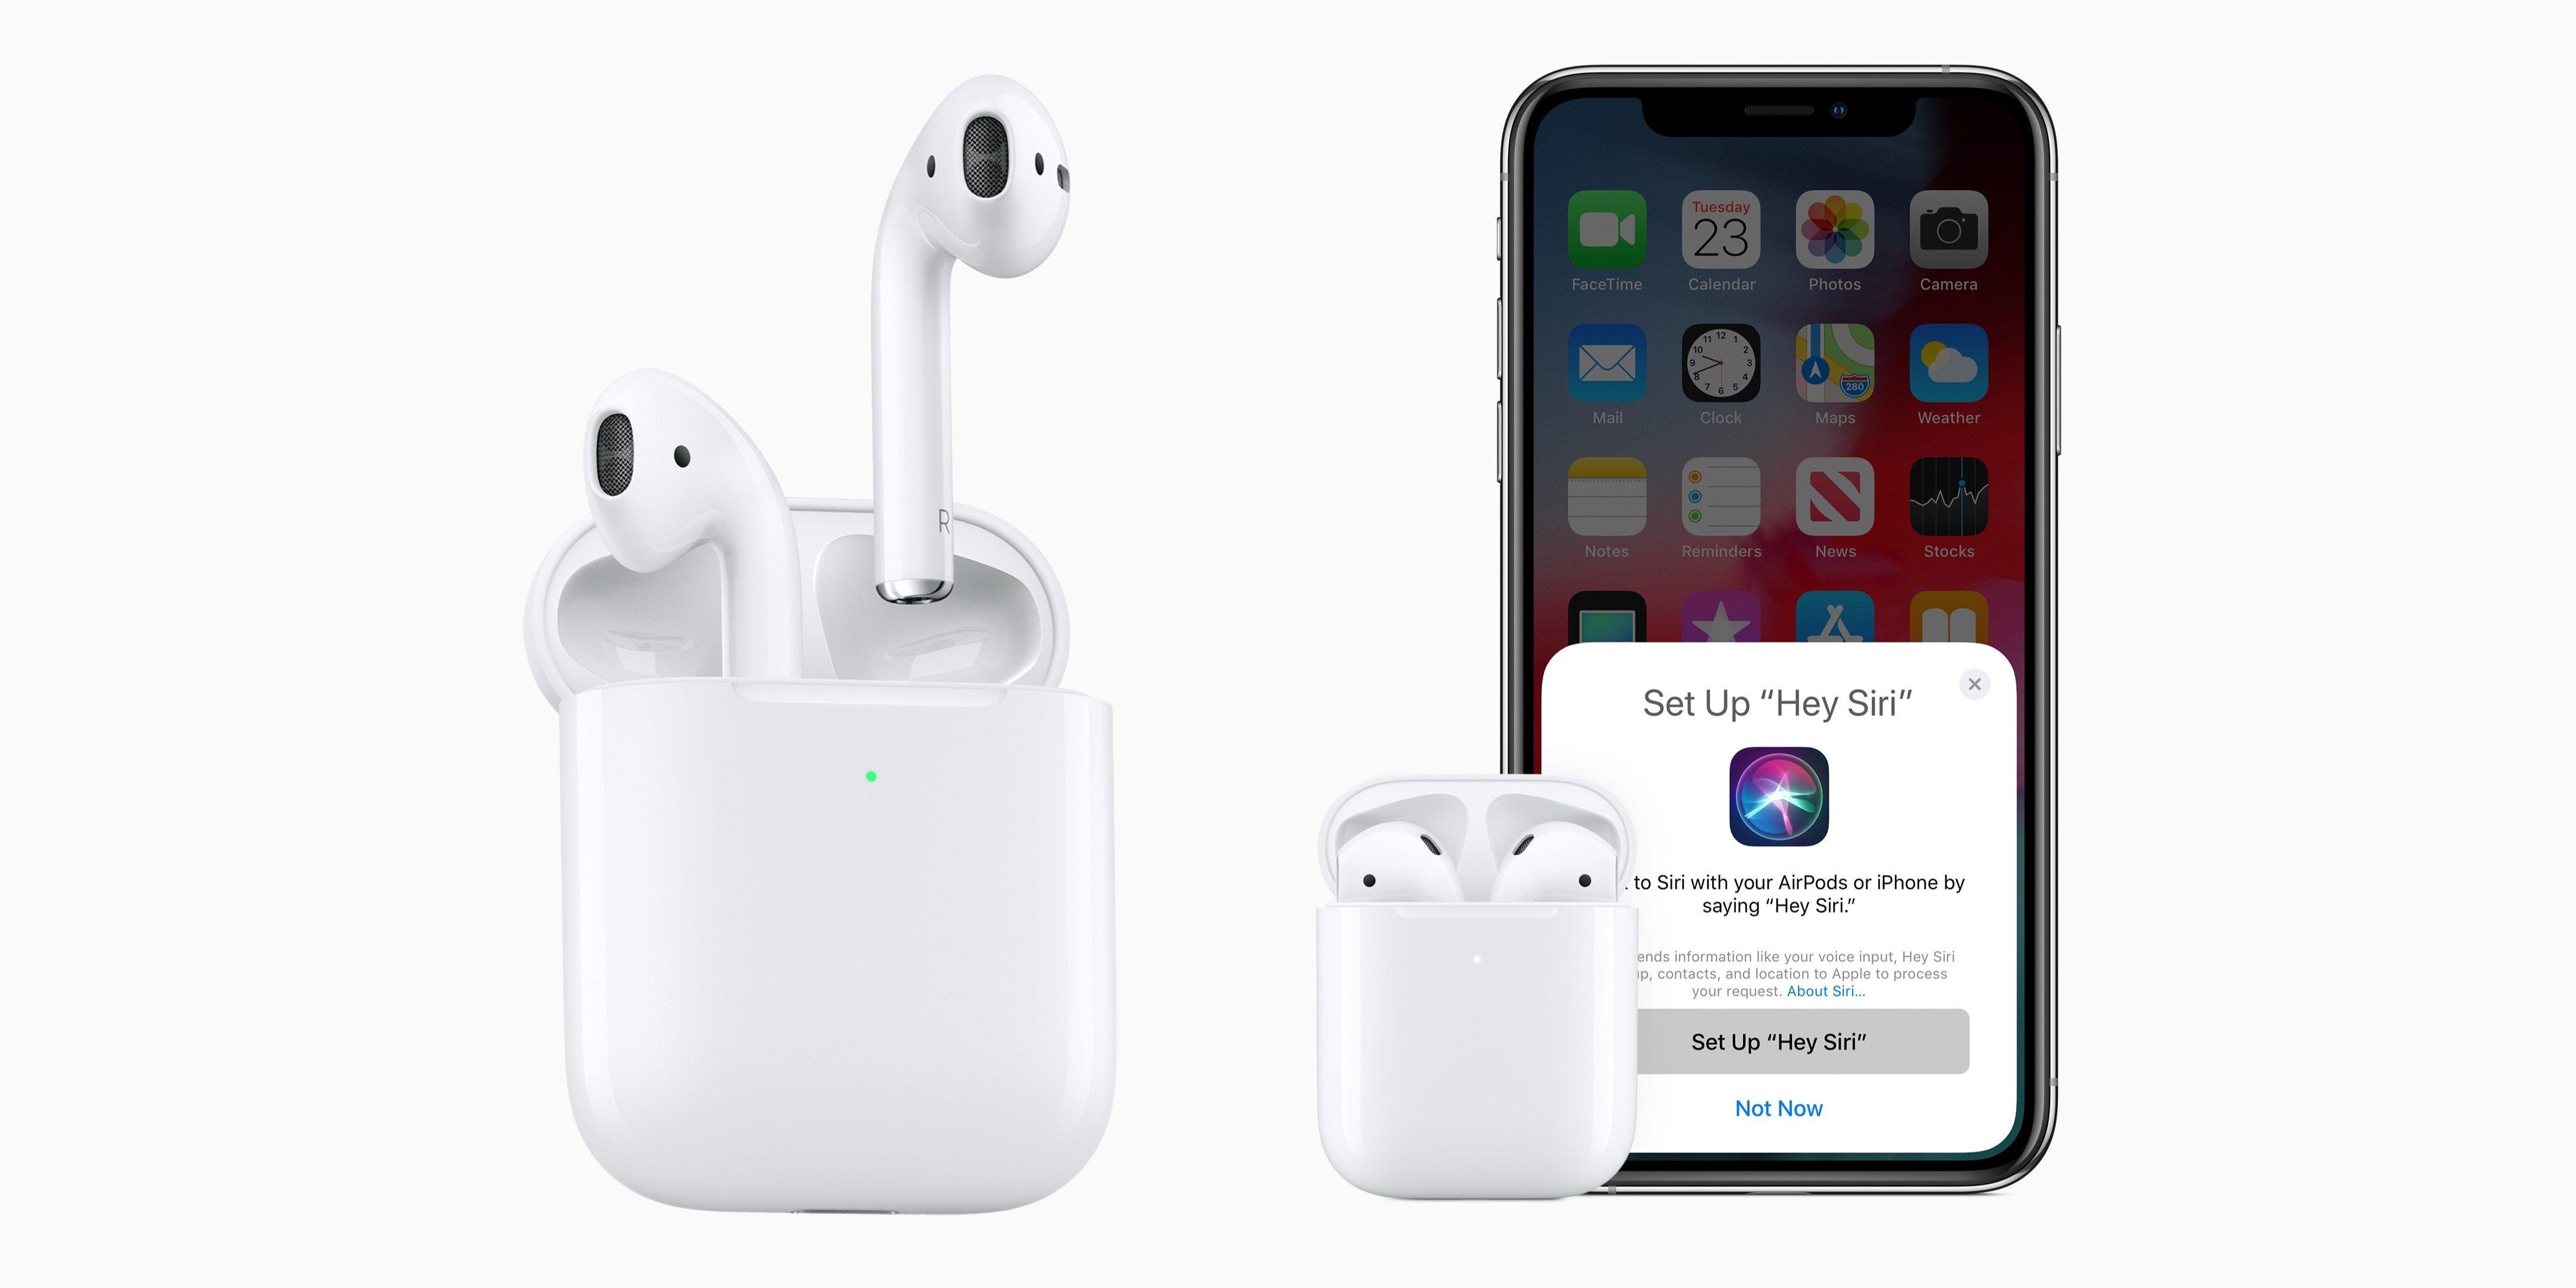 b941e215b4c5 Megjelent az új AirPods! - Apple Hírek